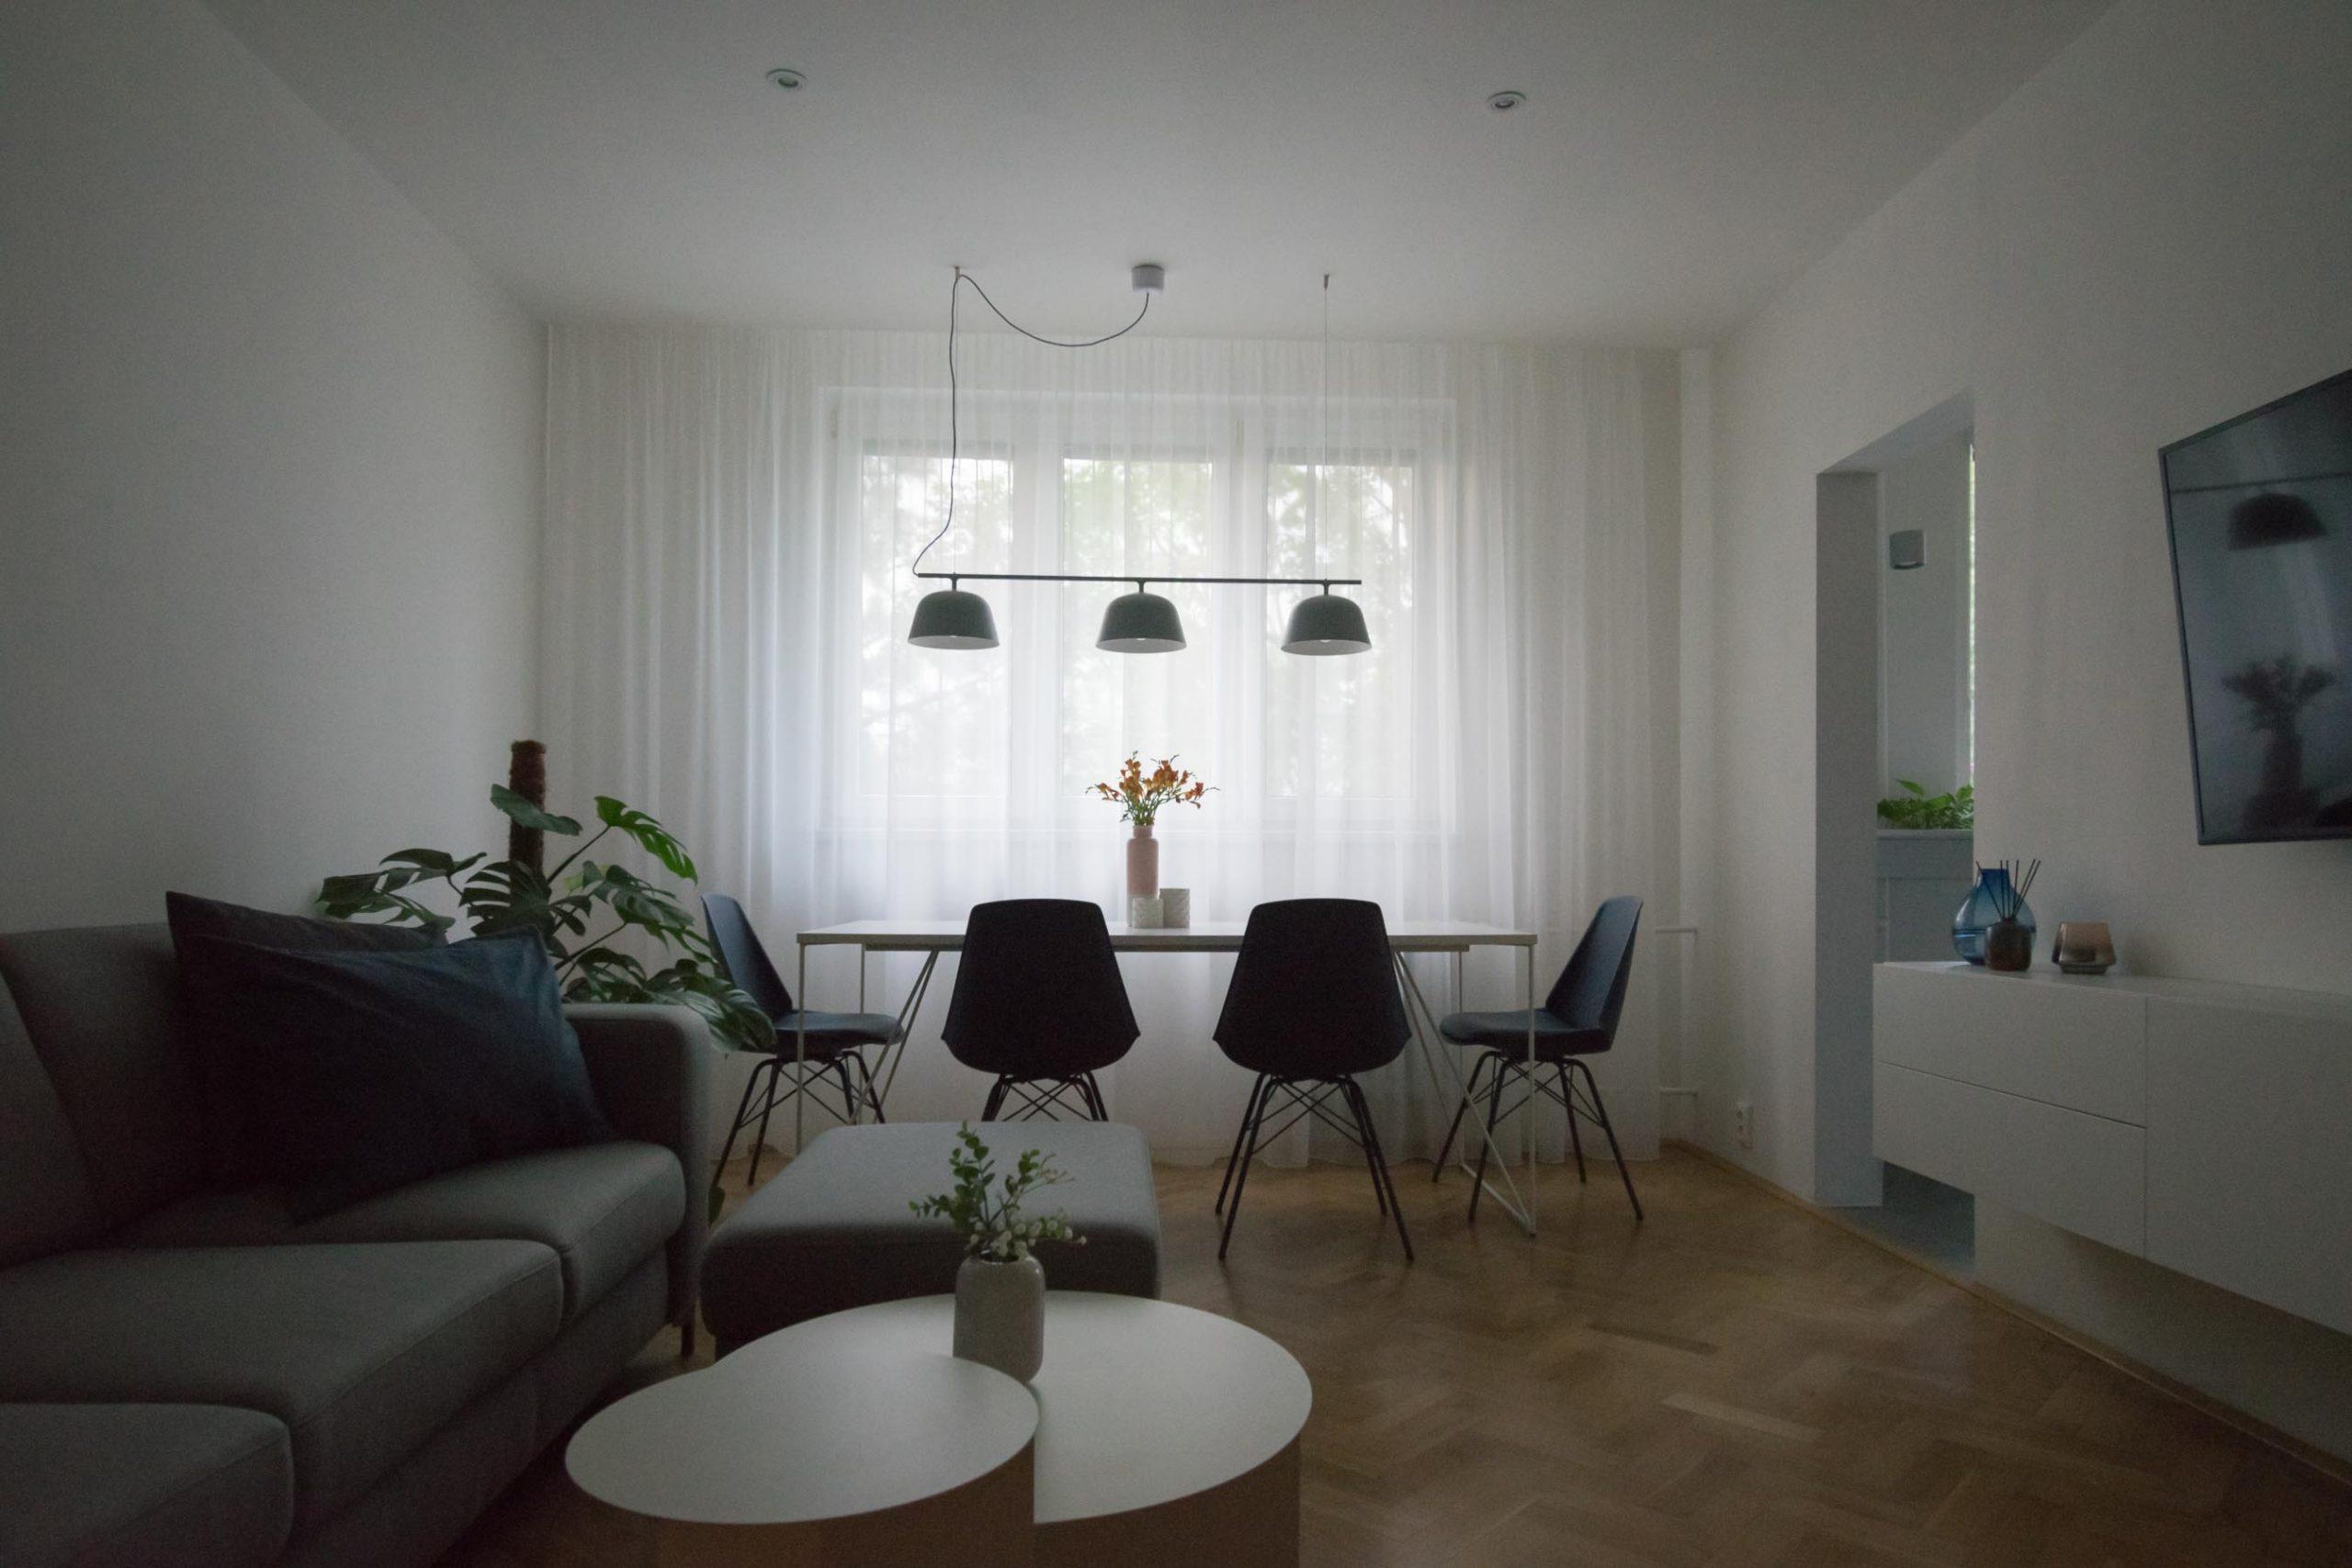 Rekonstrukcia bytu, Ruzinov, obyvacka, VAUarchitects